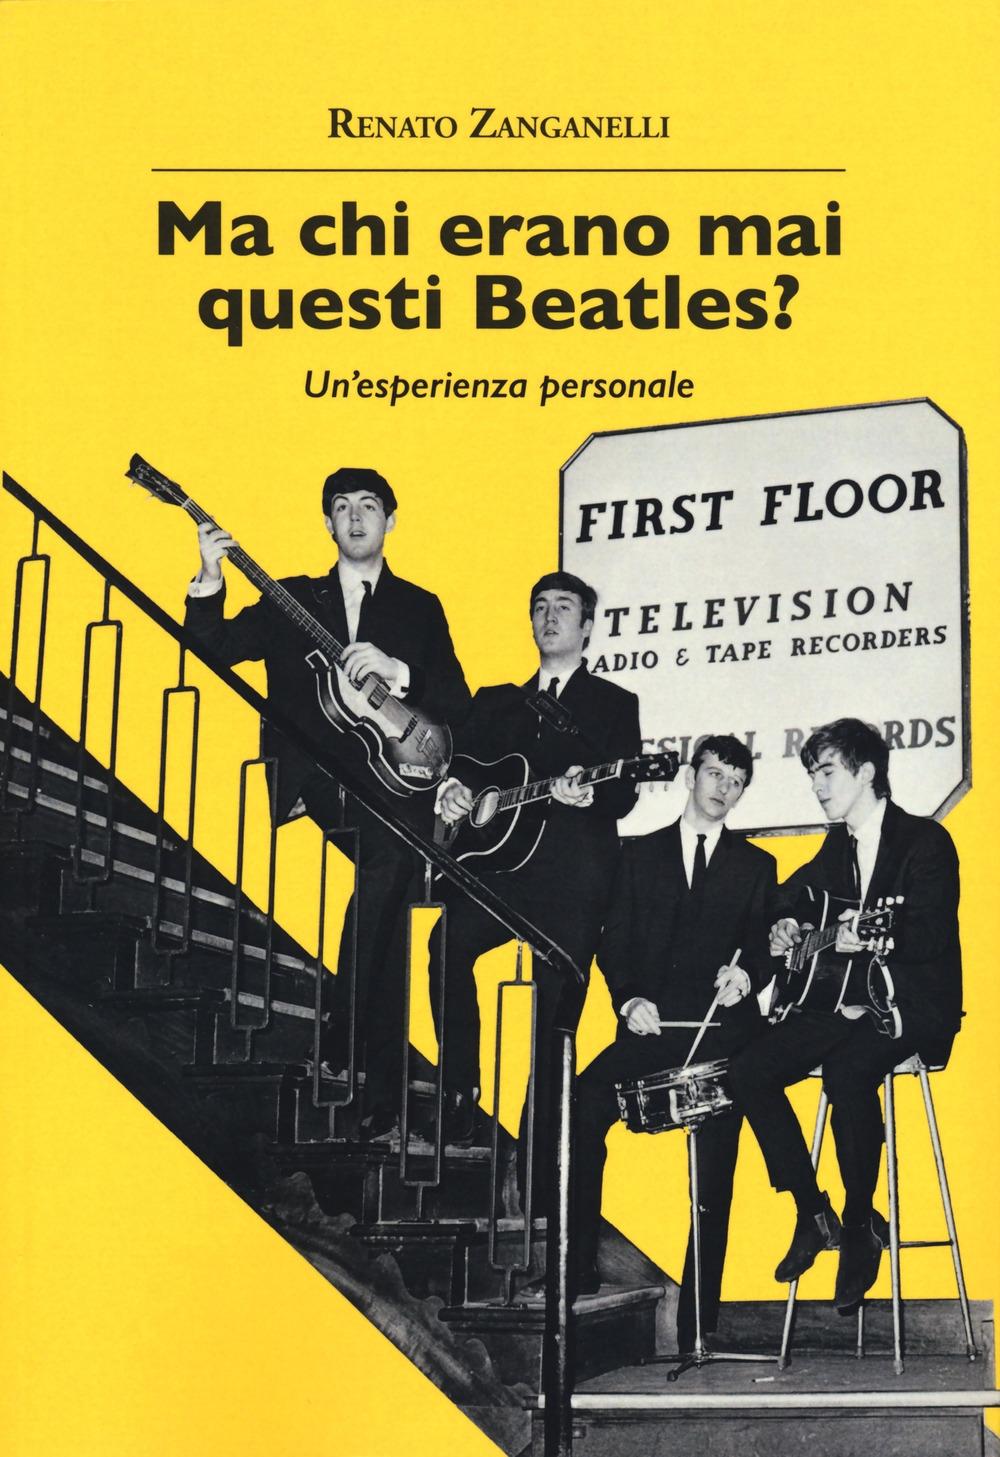 Ma chi erano mai questi Beatles? Un'esperienza personale